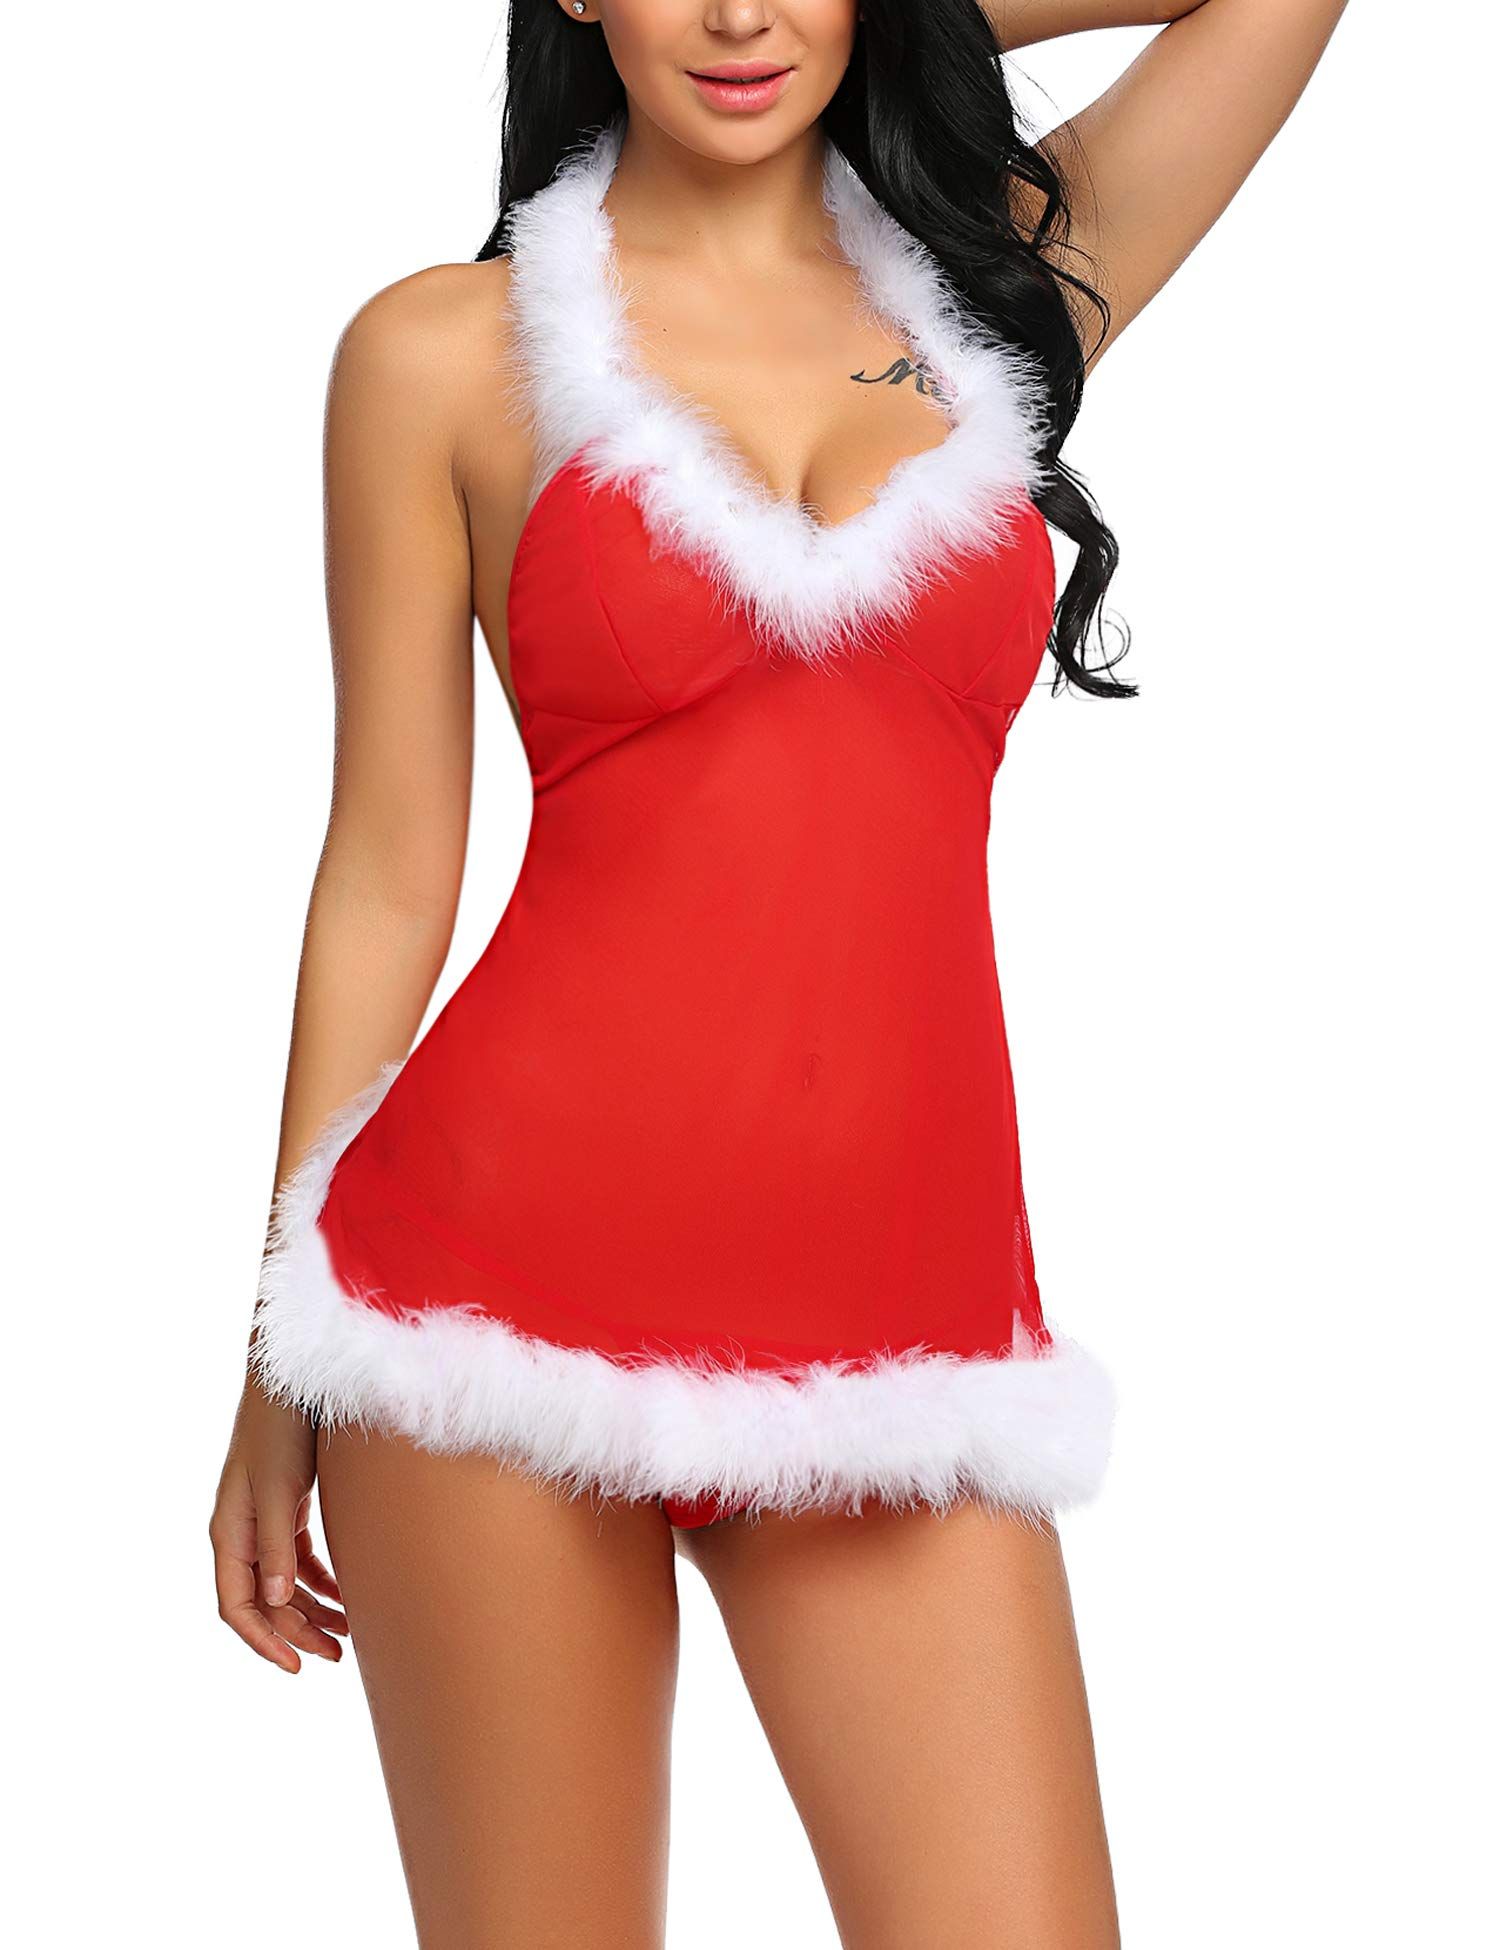 ADOME Women Babydoll Lace Teddy Lingerie Bodysuit Deep V Sleepwear Bodysuit